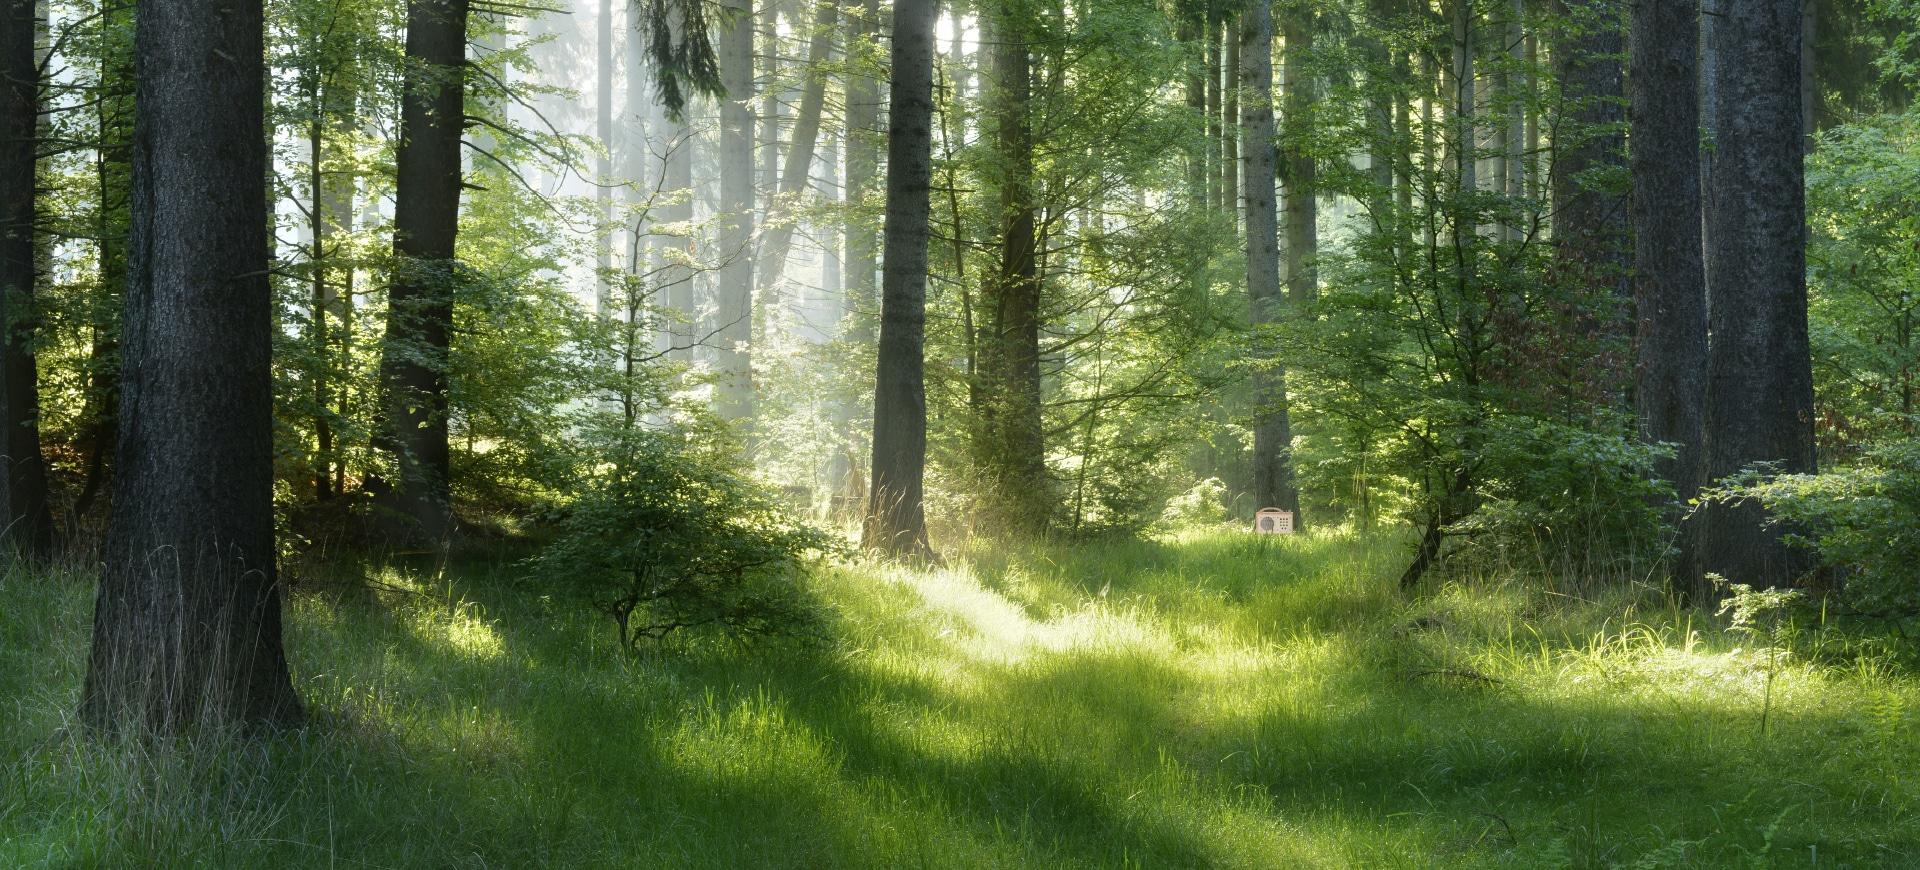 hörbert au pied d'un arbre au fond de la forêt